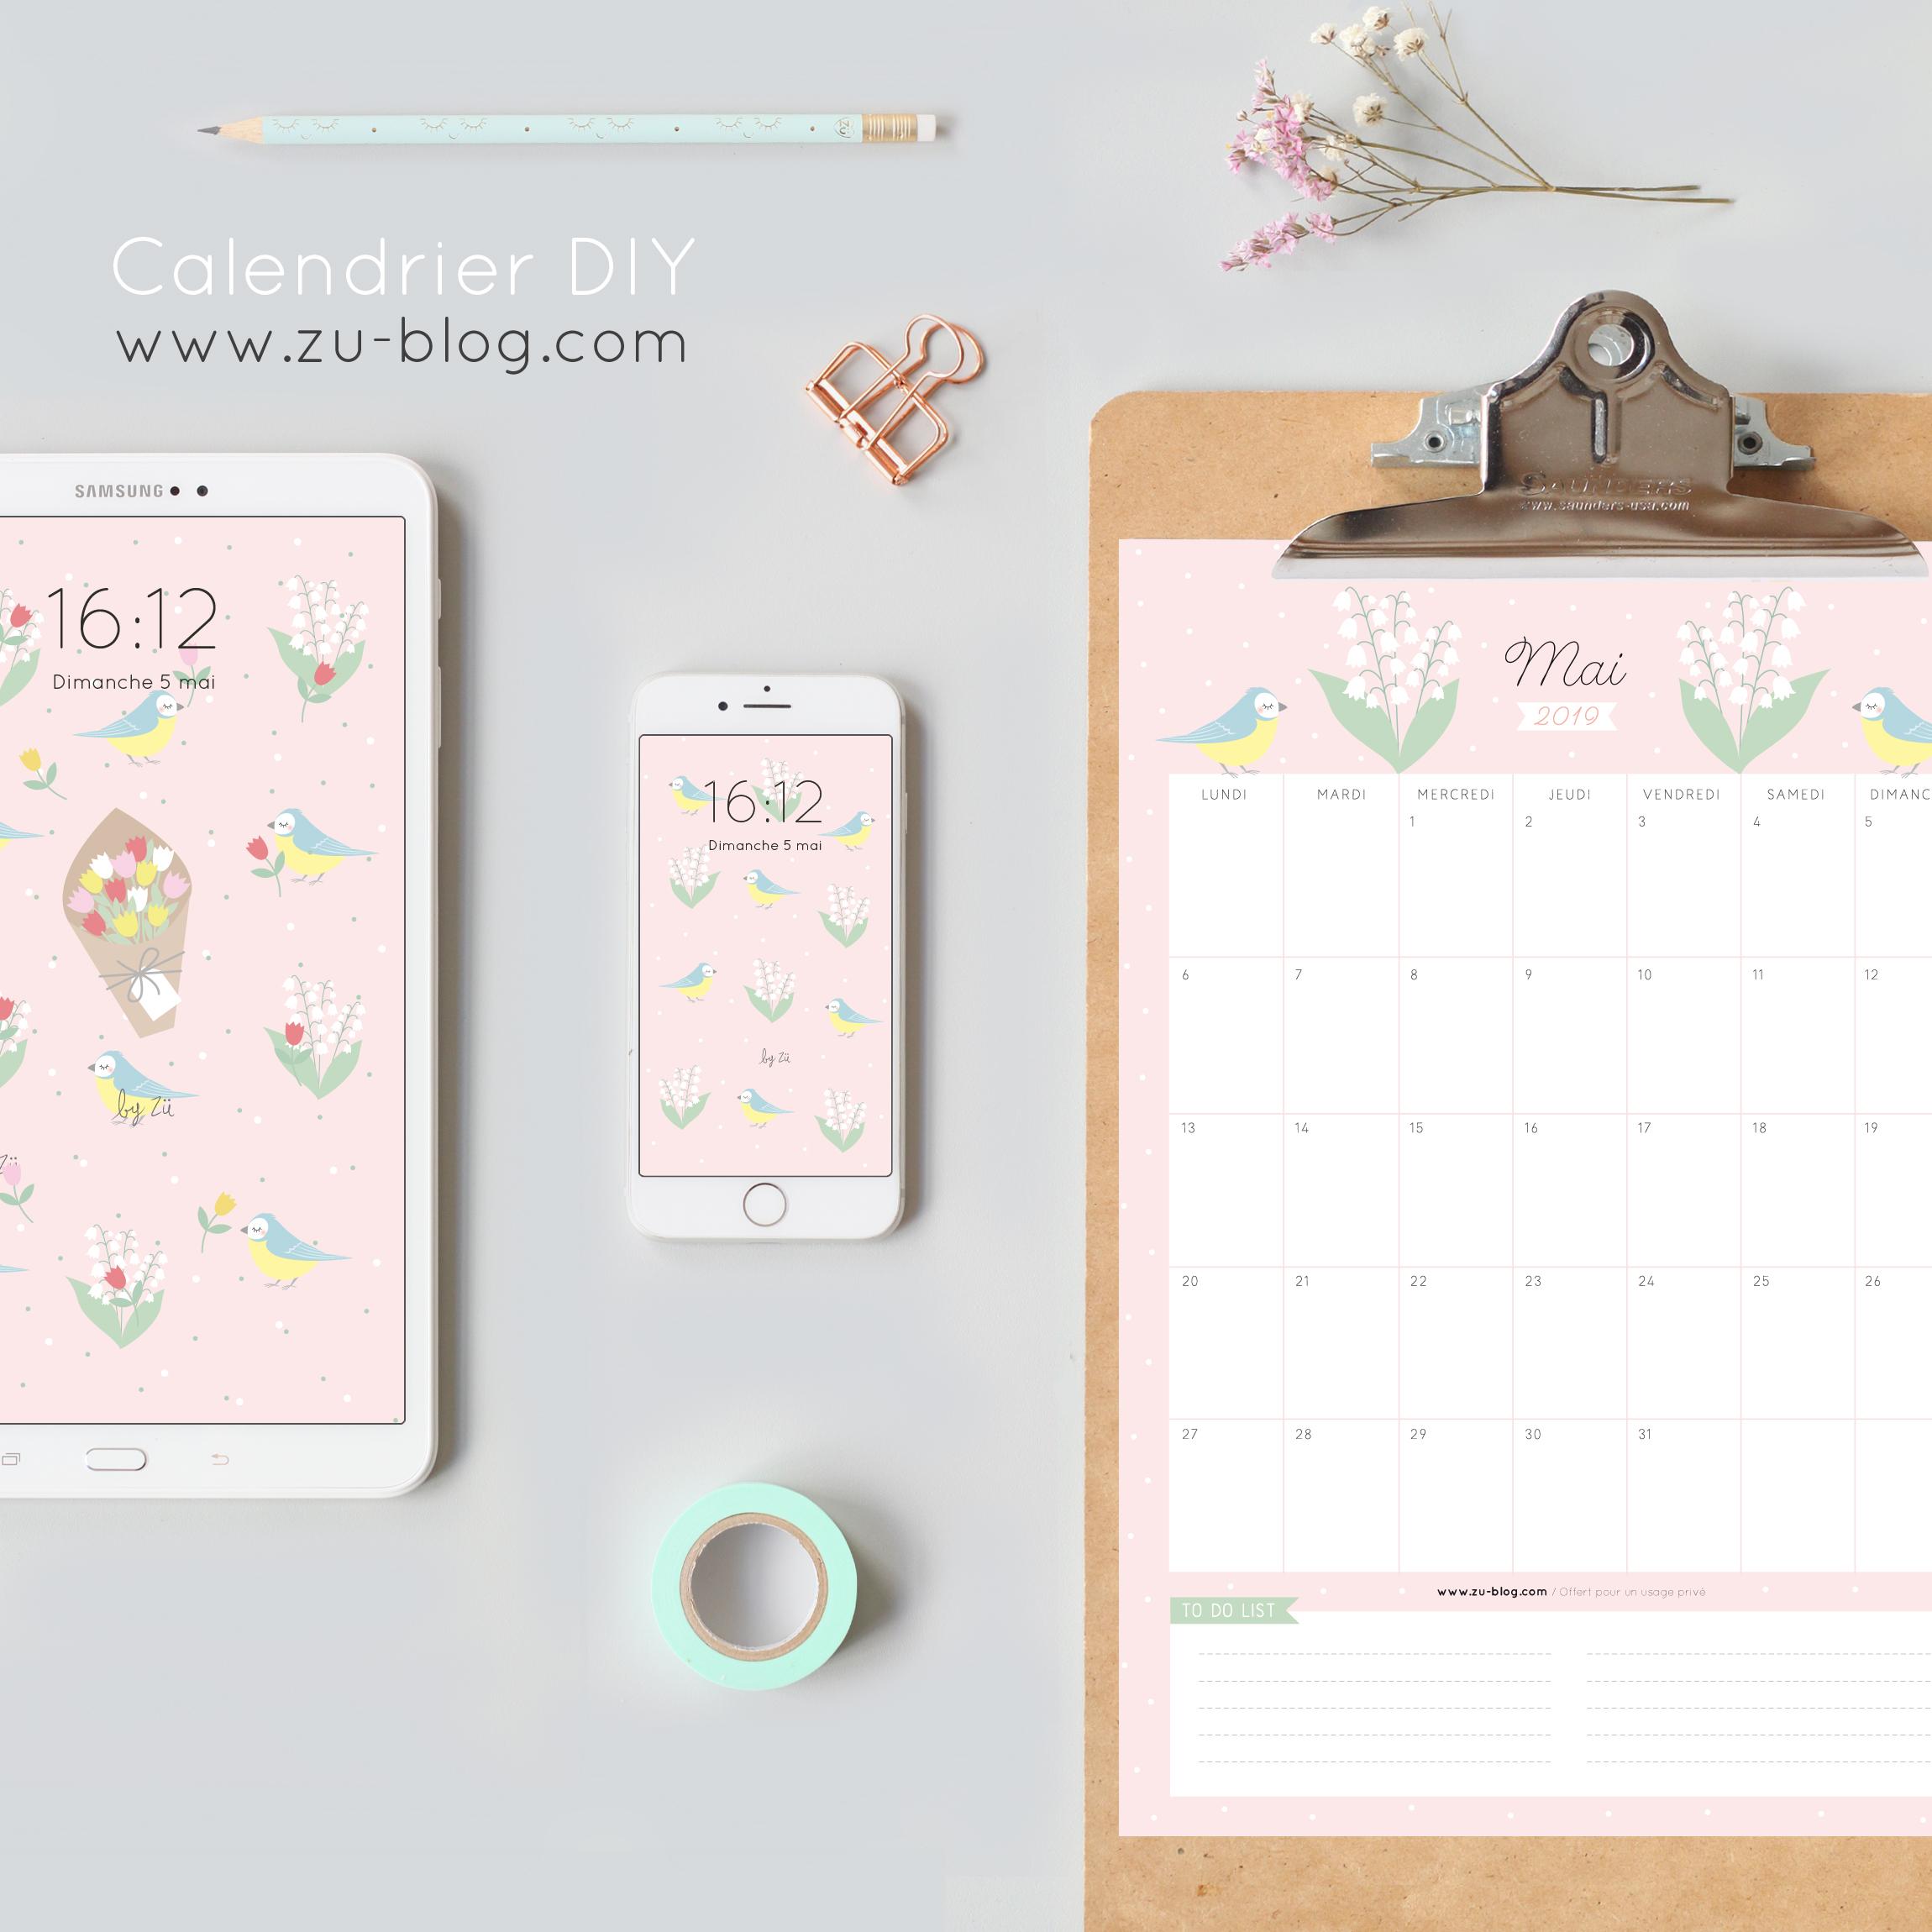 Mai Calendrier 2019.Le Calendrier Diy Mai 2019 Zu Le Blog